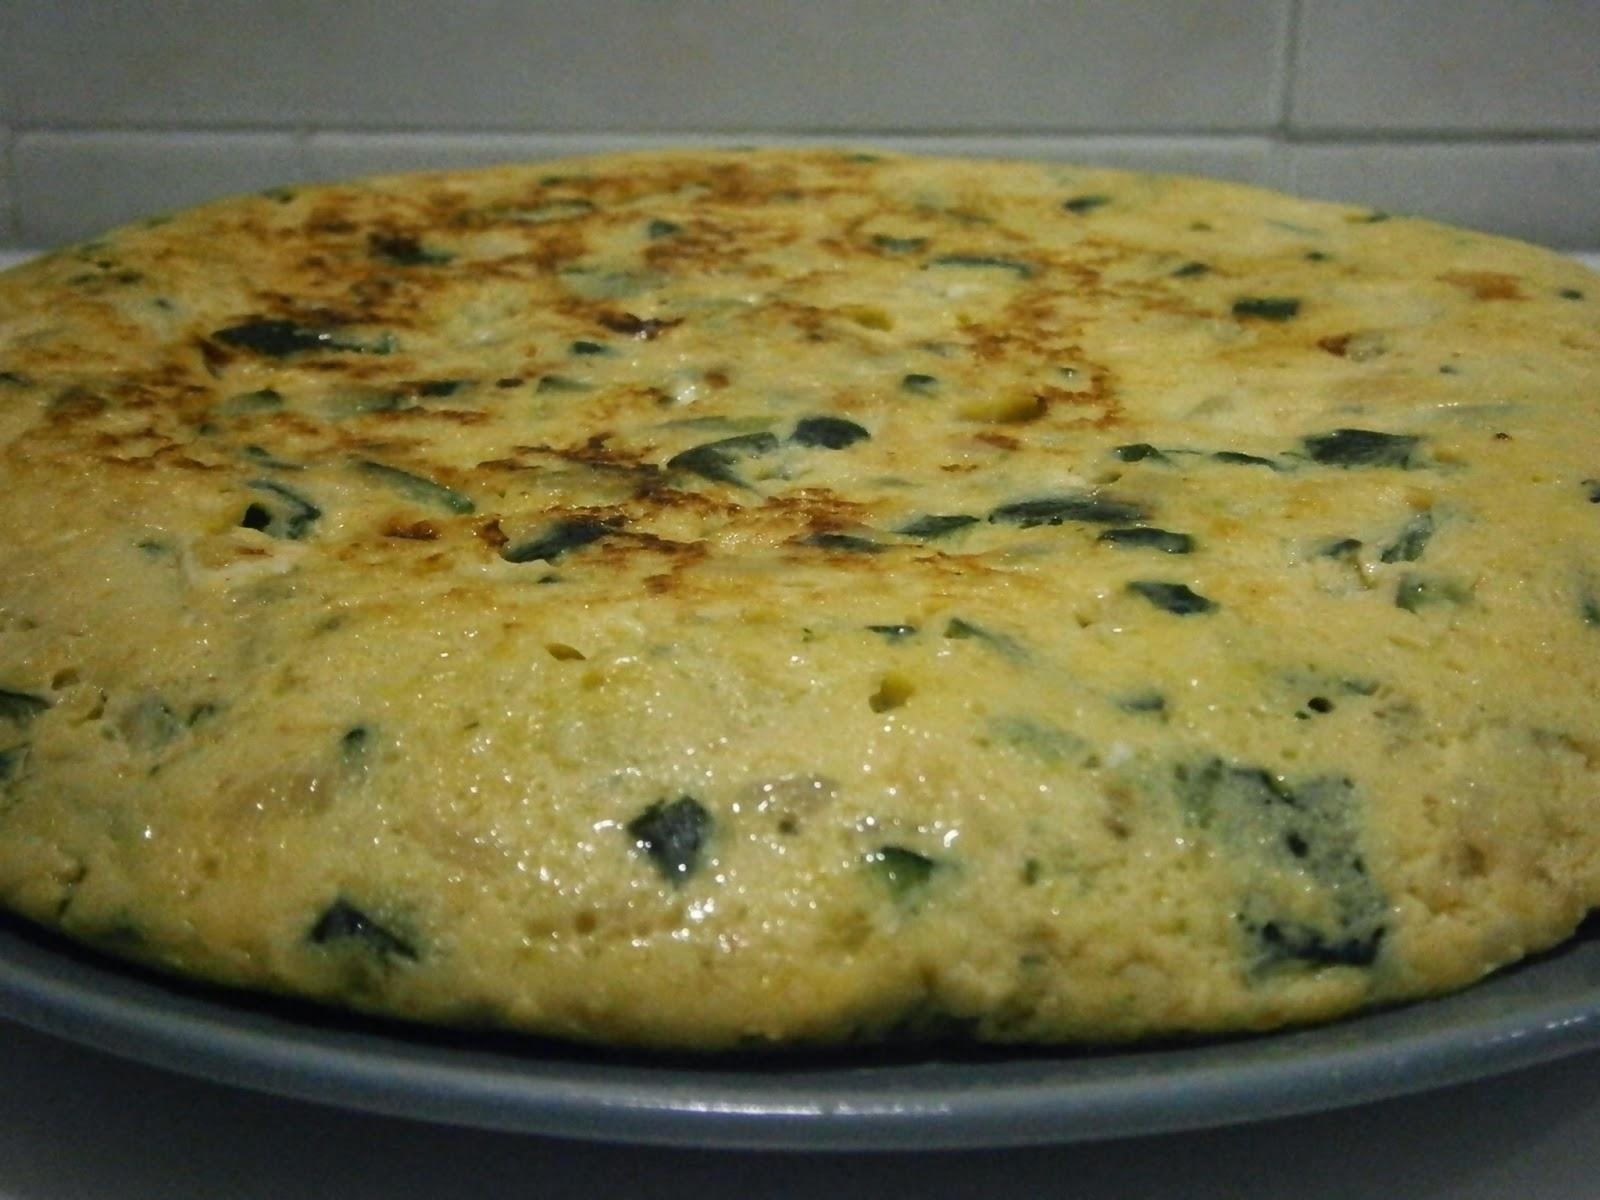 Osukaa is cooking tortilla de calabac n y cebolla - Tortilla de calabacin y cebolla ...